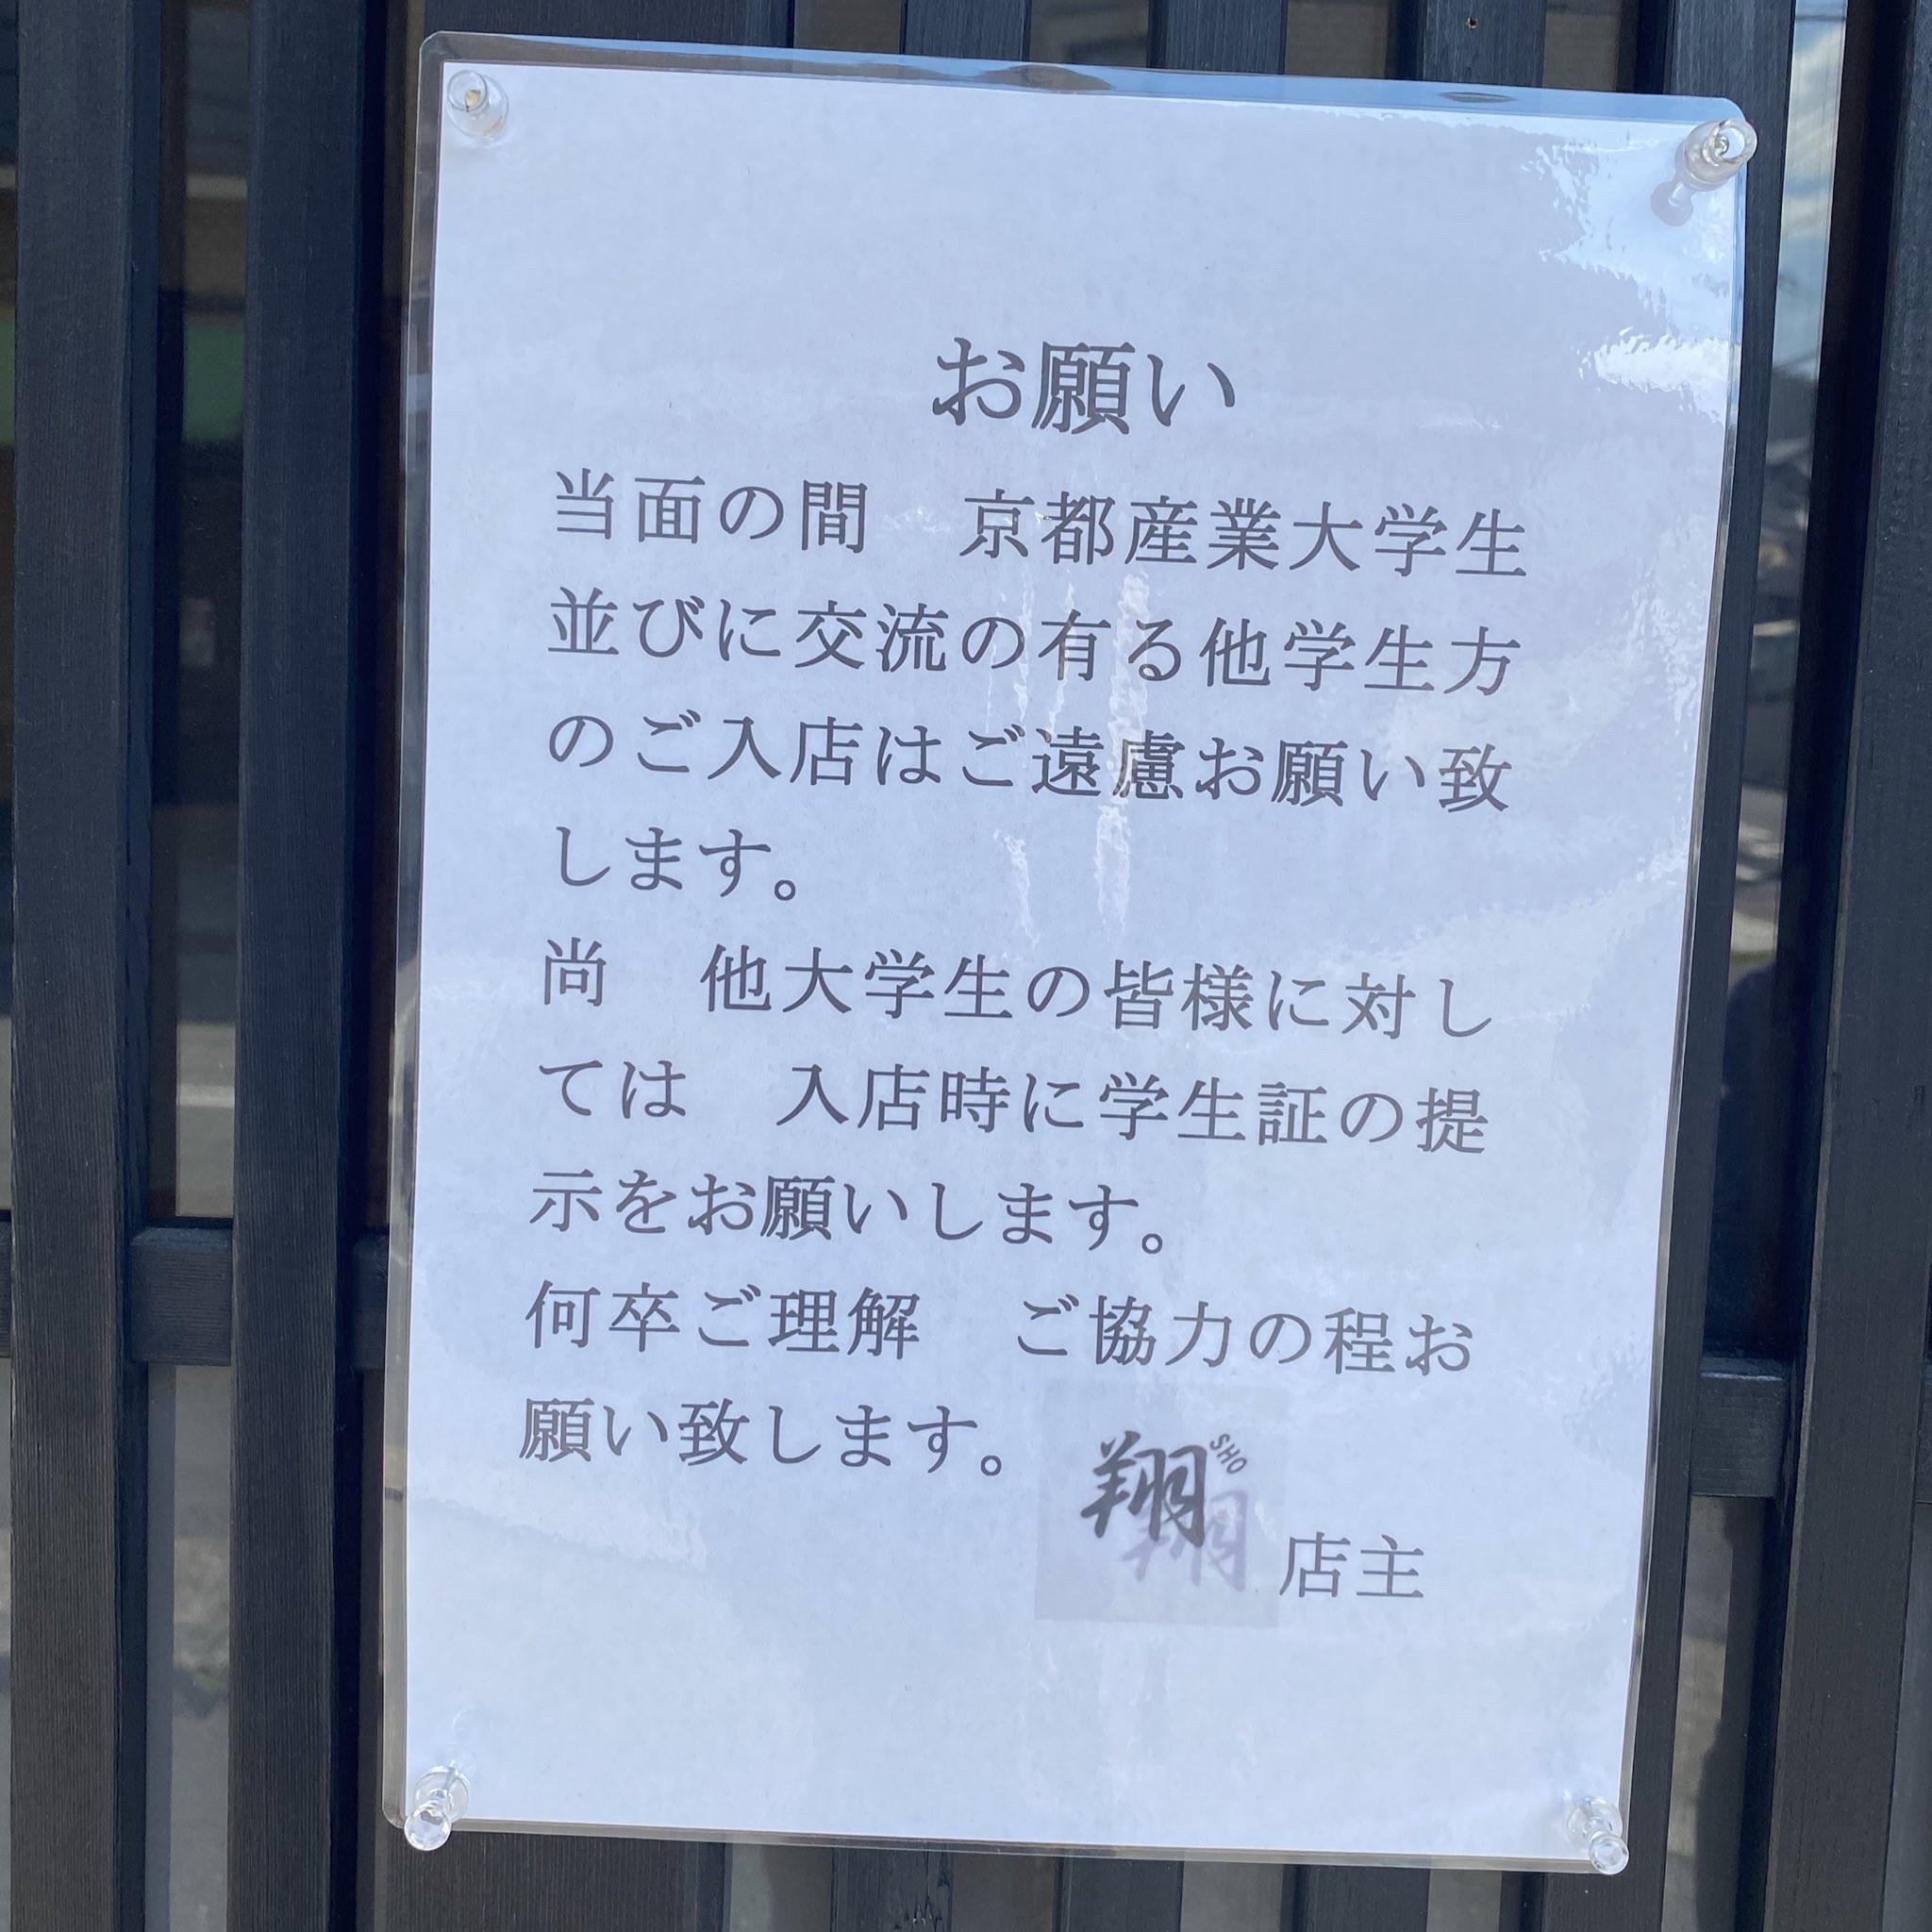 【悲報】京産大さん、飲食店出禁になる お金の総合まとめ